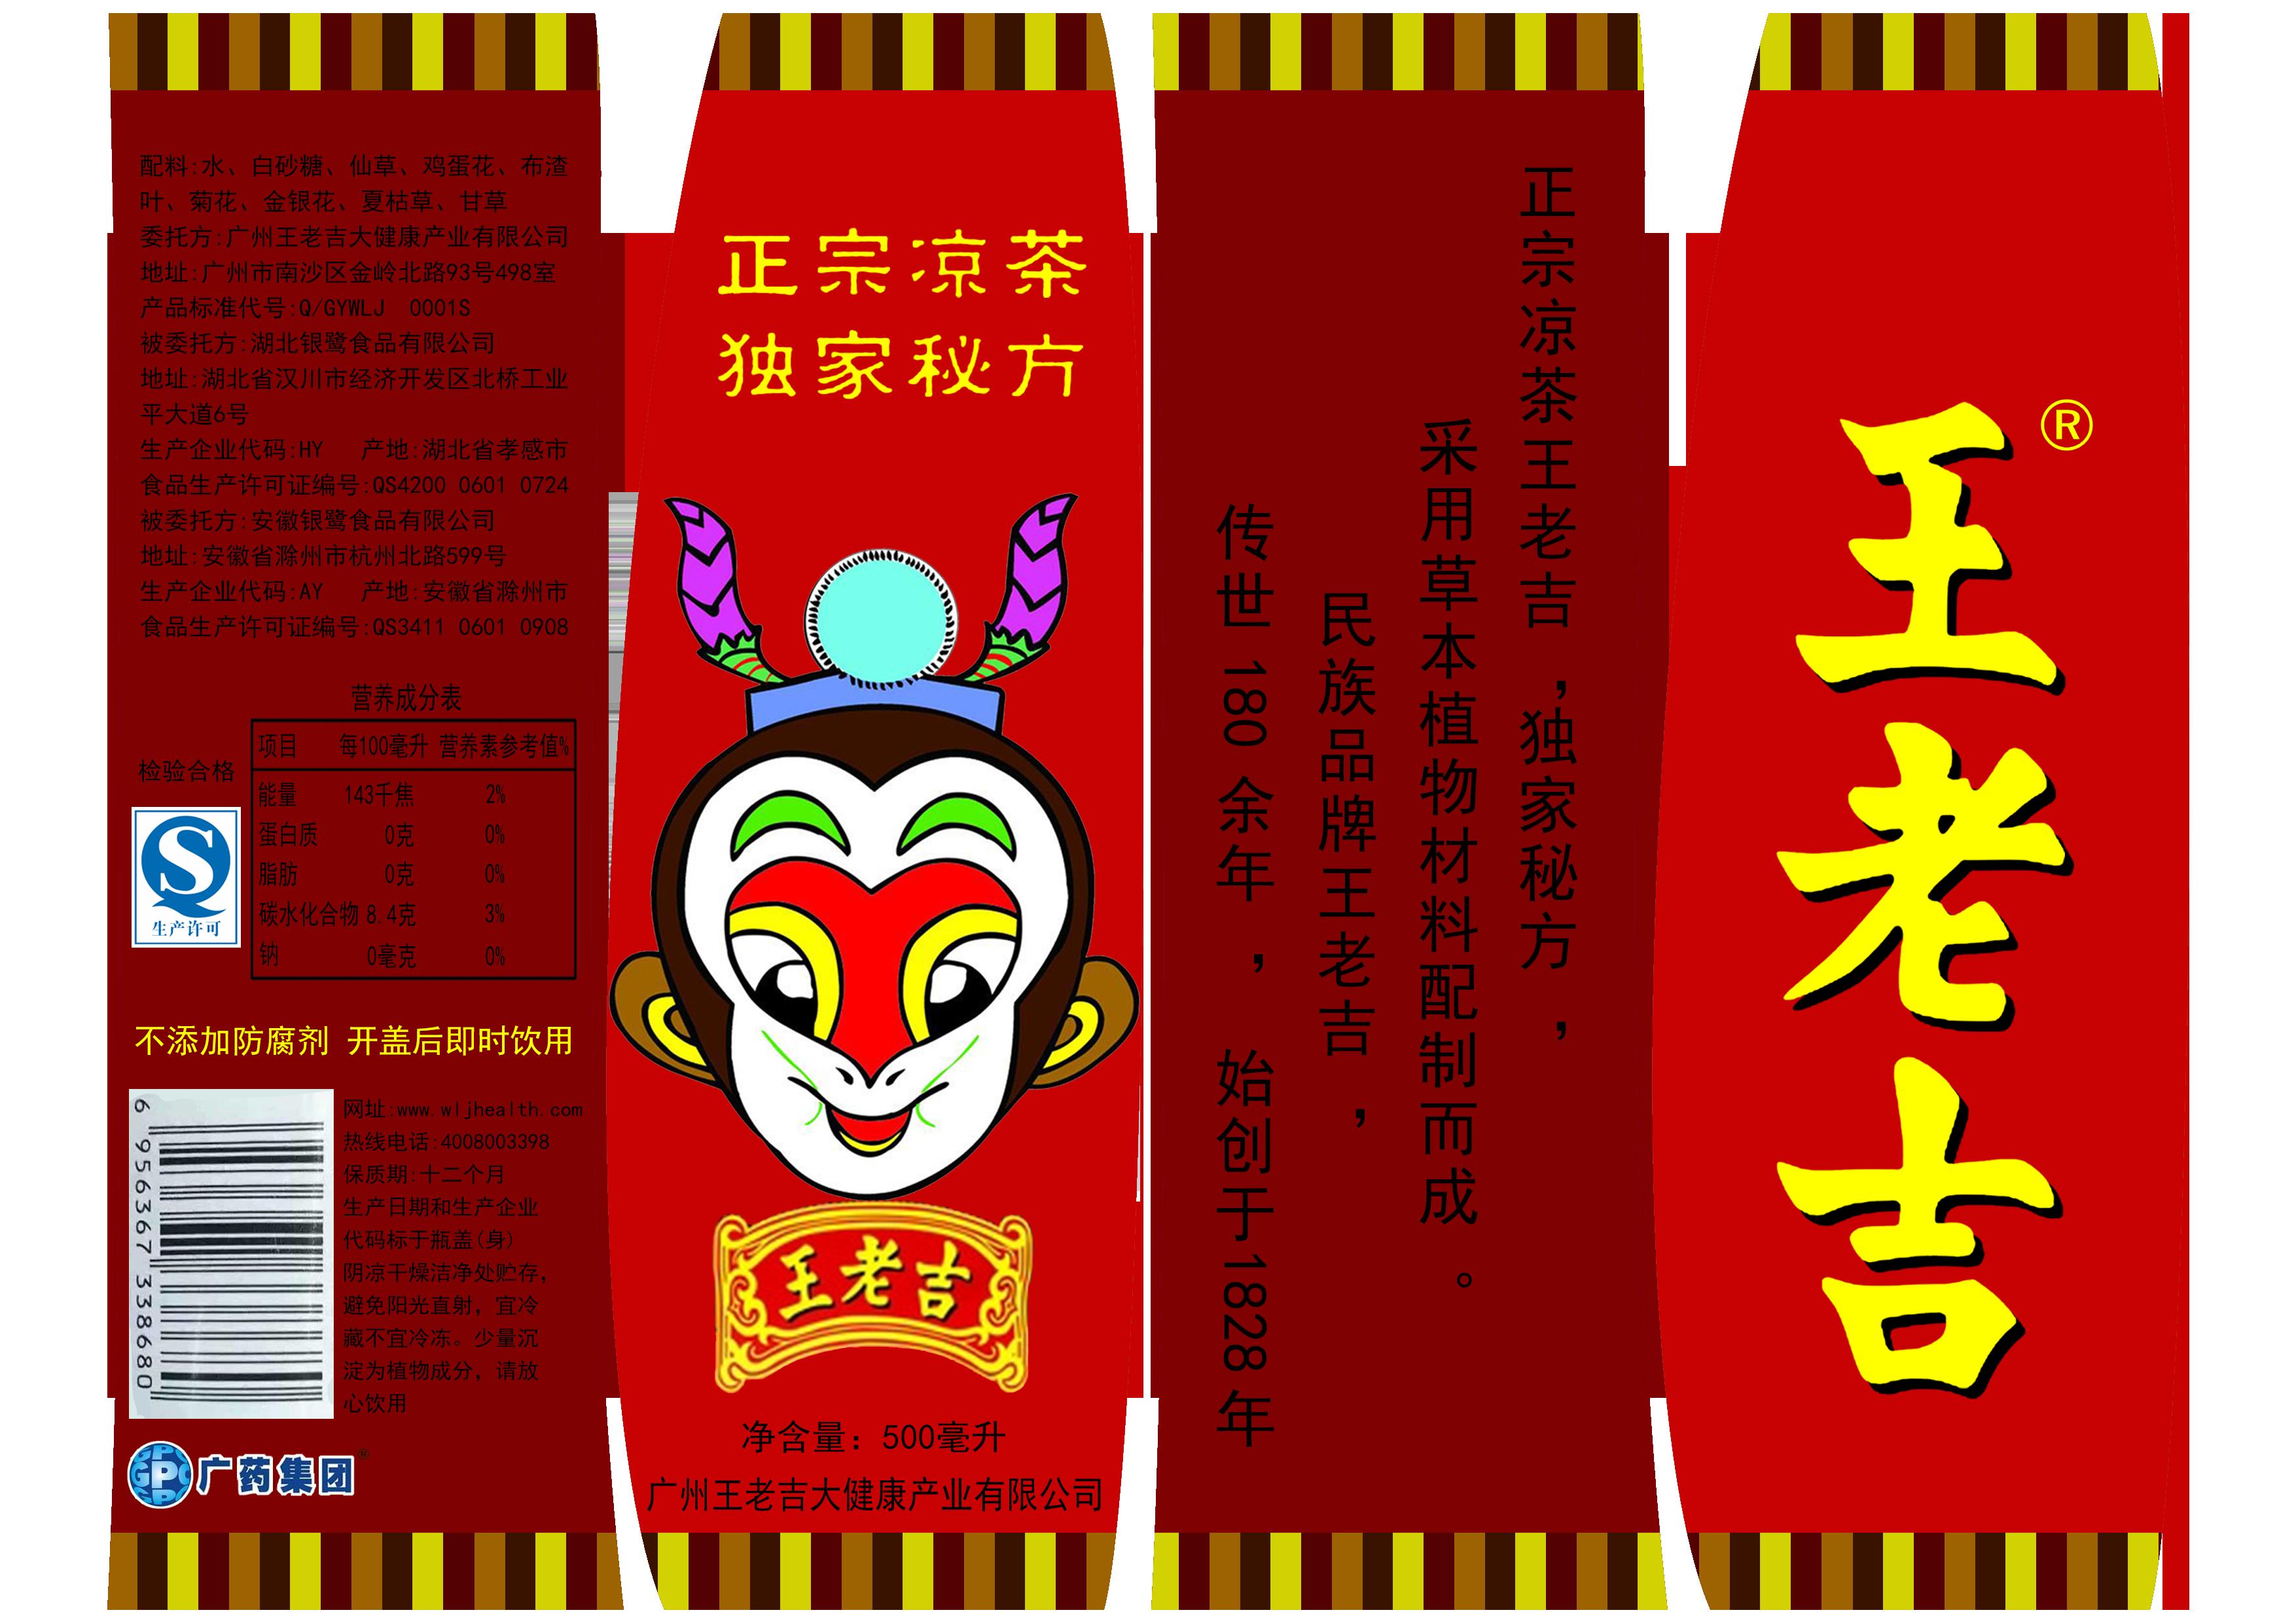 王老吉 瓶装包装设计图片